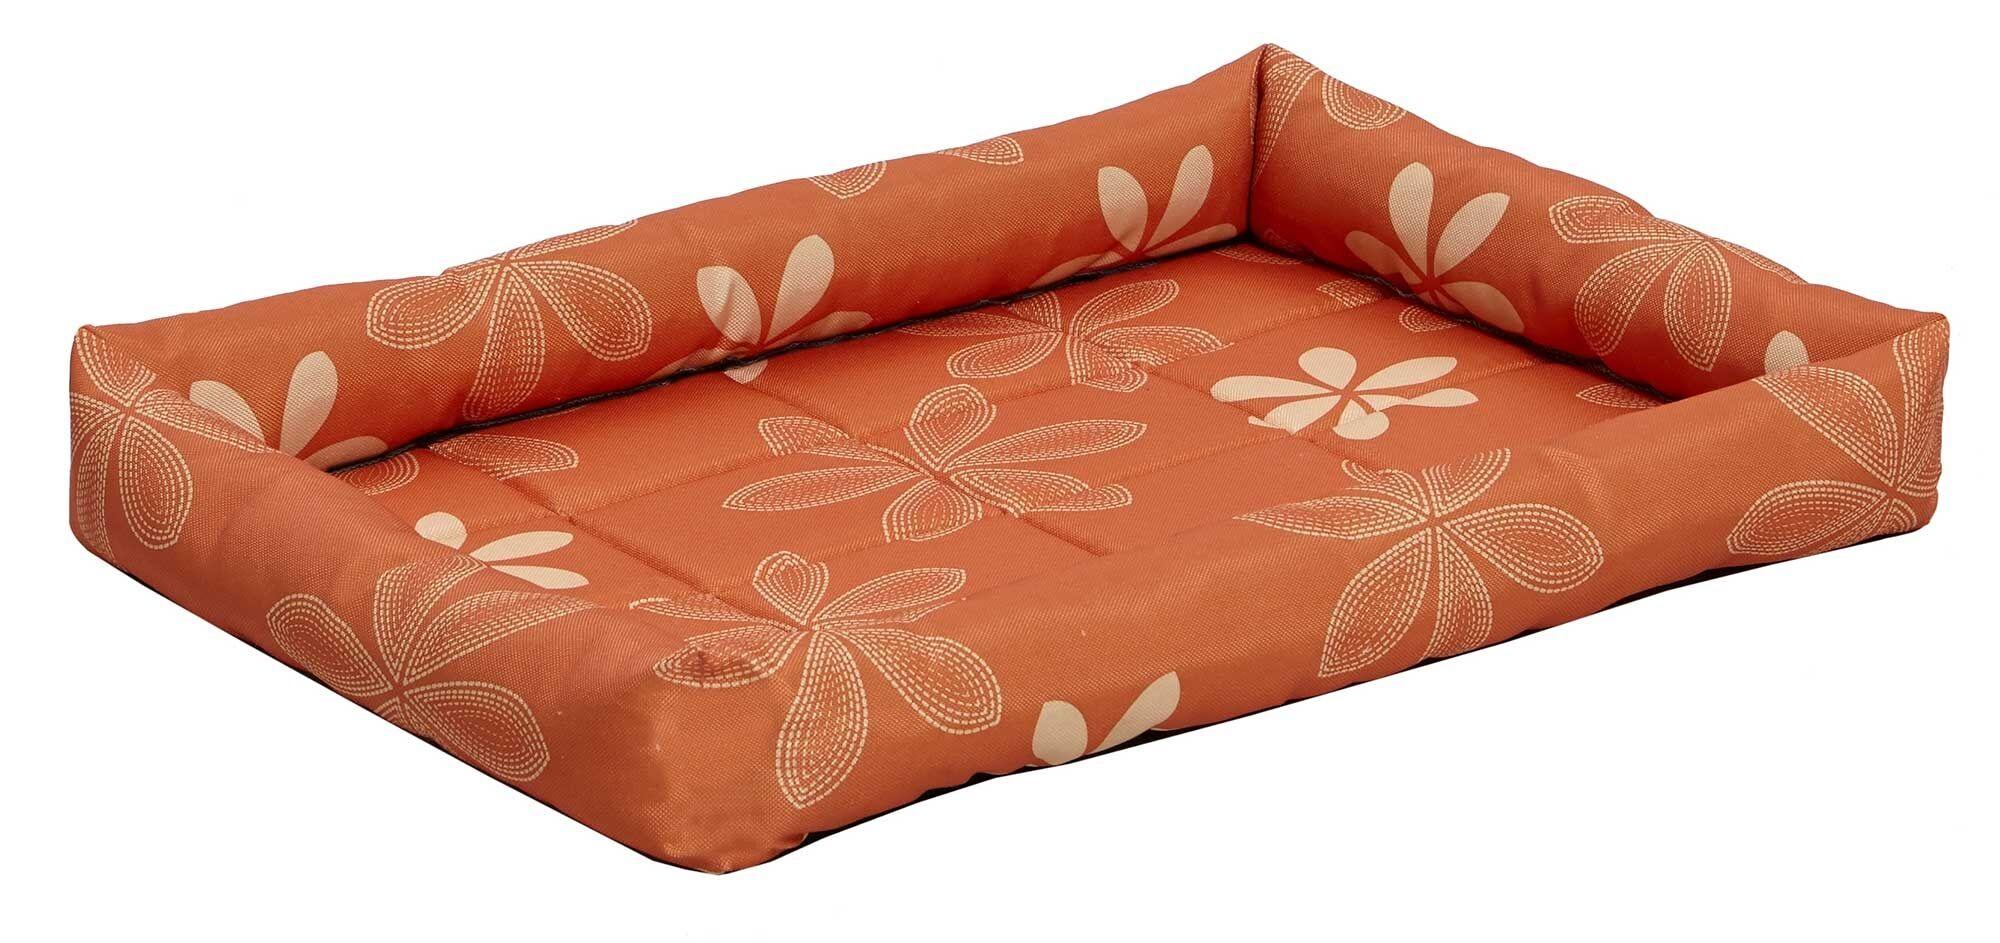 Rover Paradise Floral Pet Bed Color: Orange, Size: 23.75